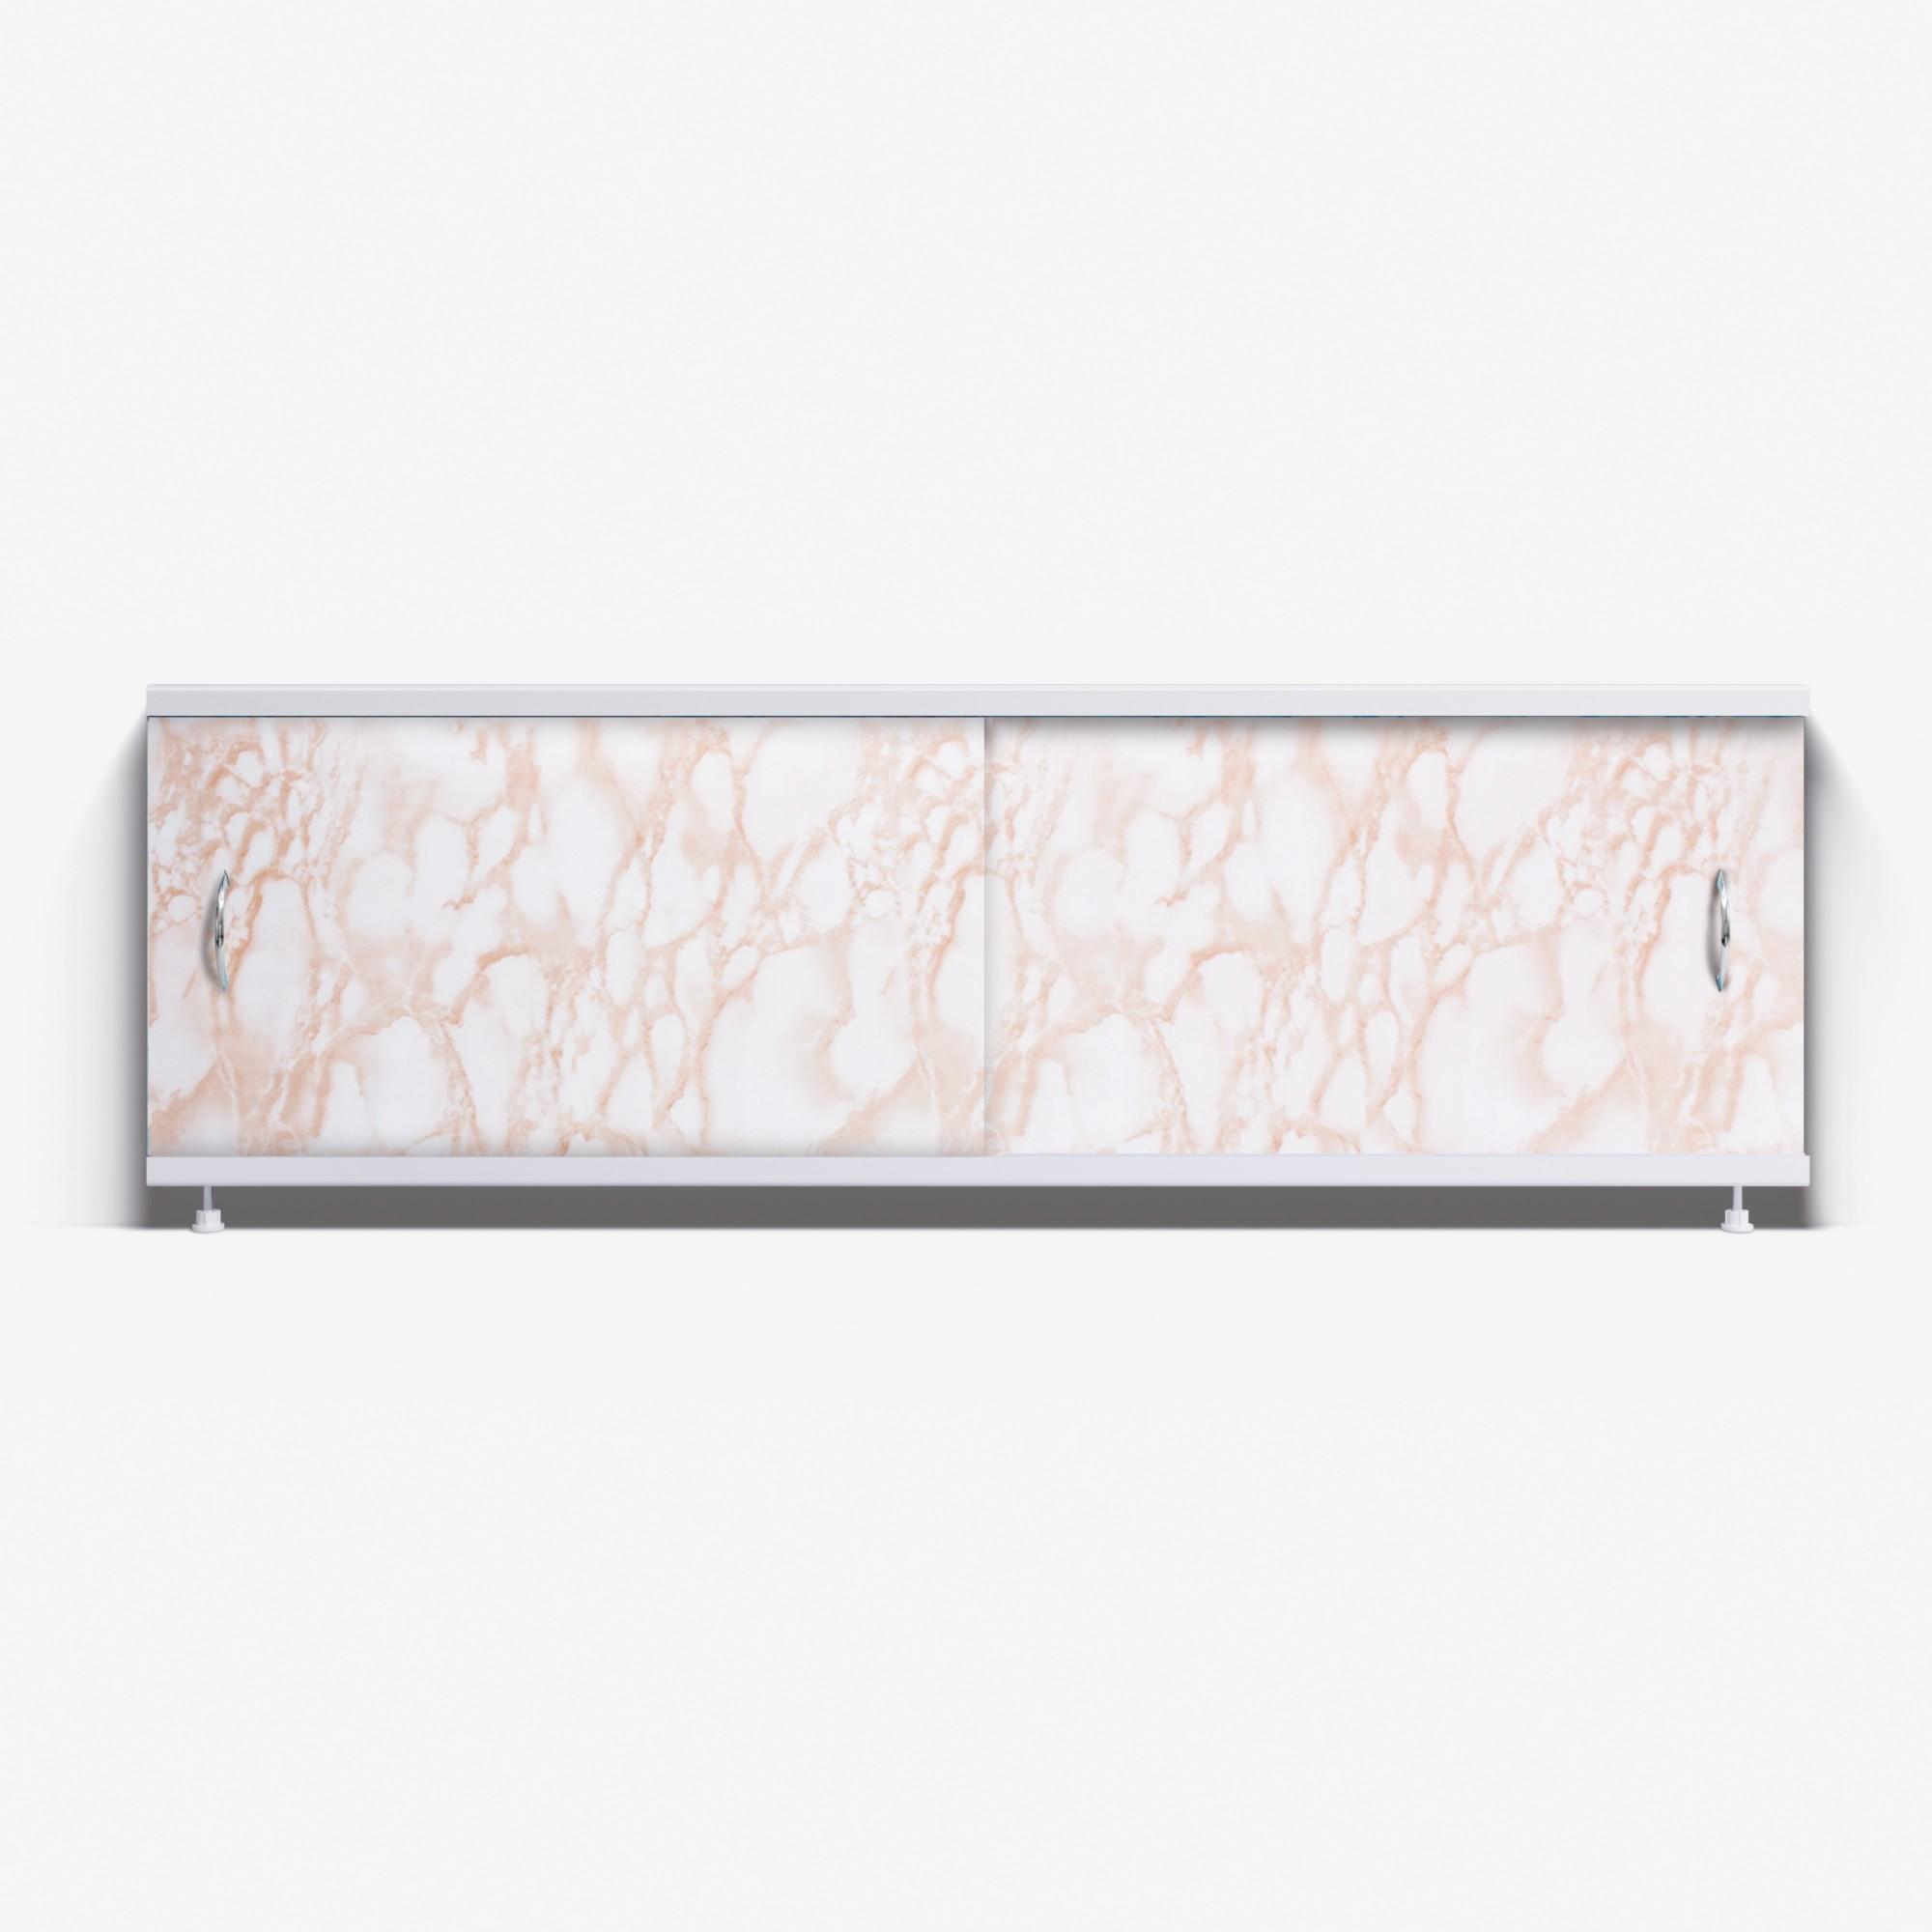 Экран под ванну Классик 150 кремовый мрамор